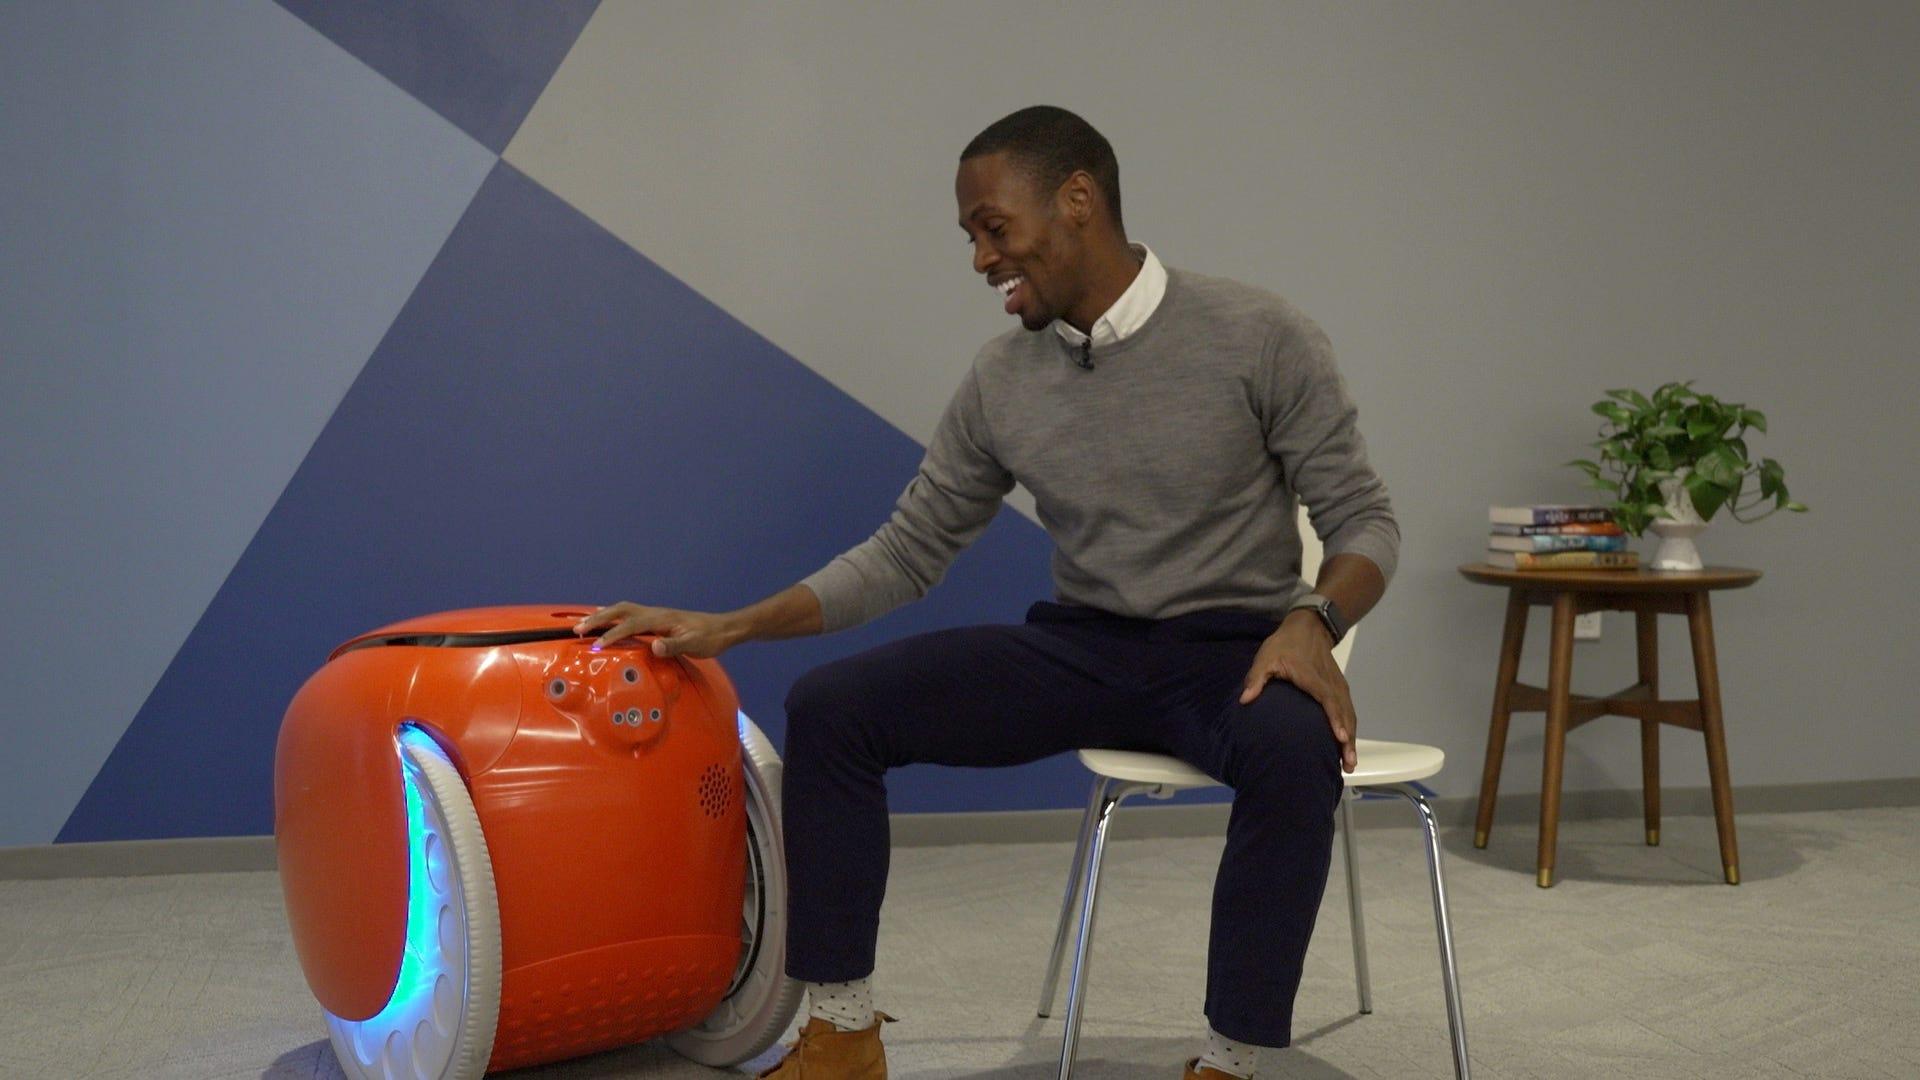 Meet gita: A cargo carrying robo-companion